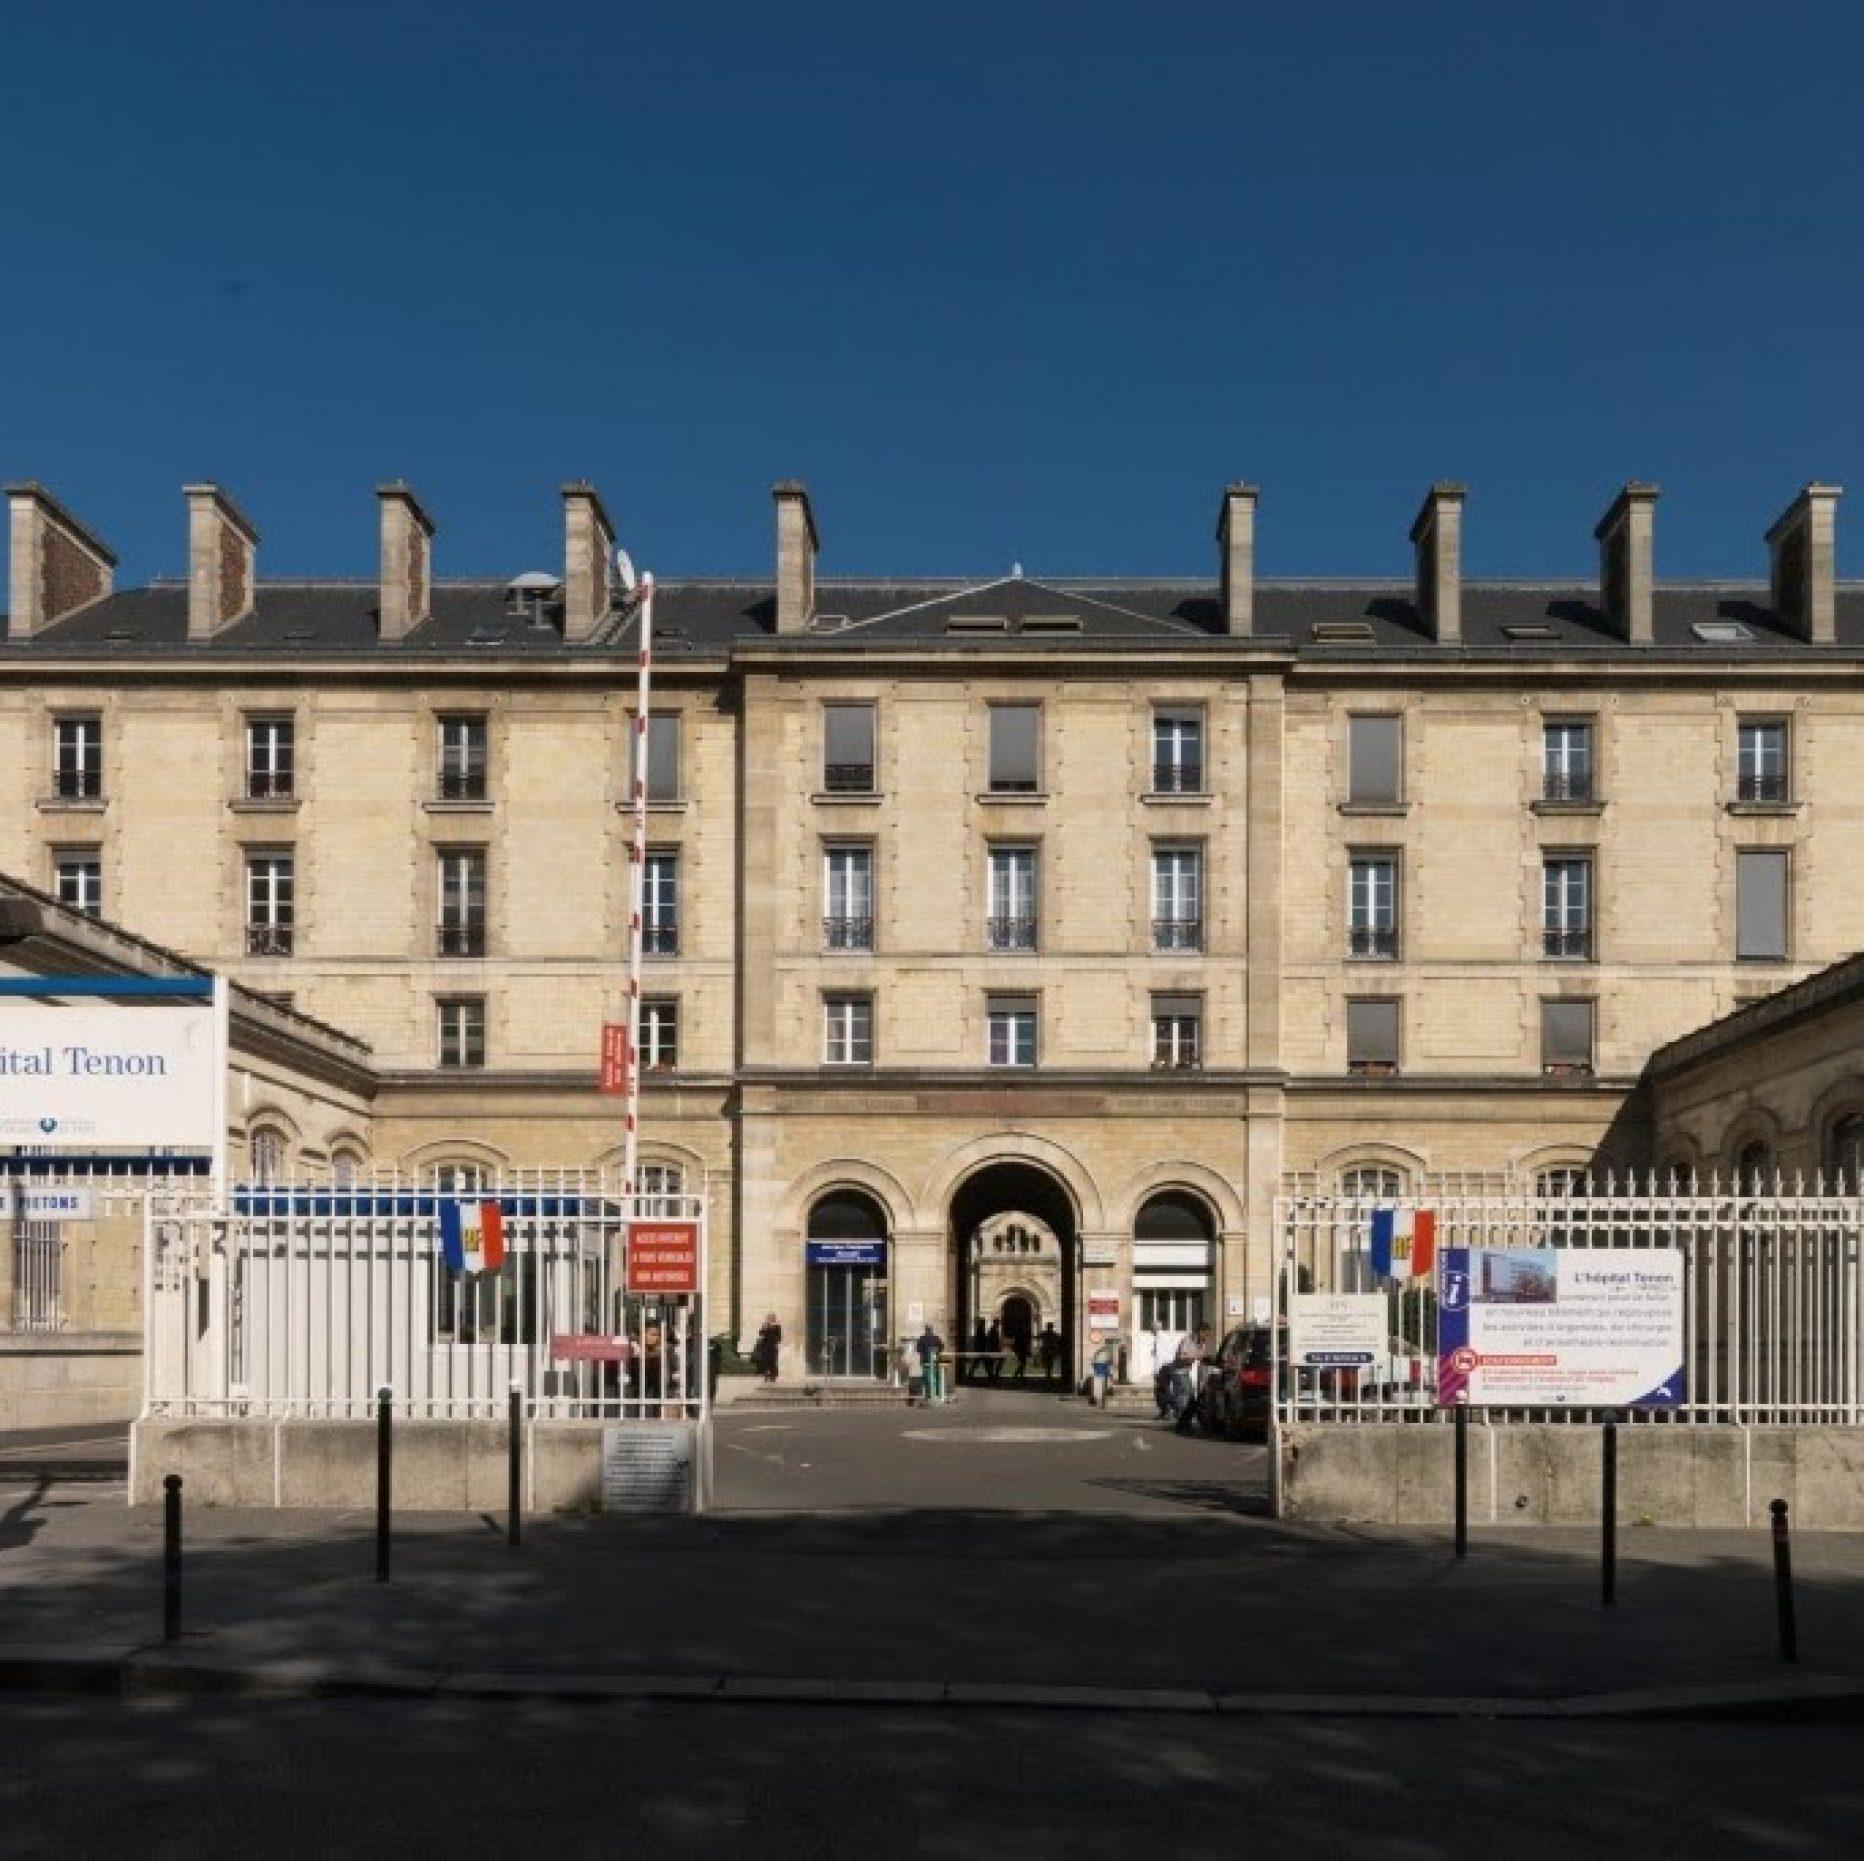 Hôpital Tenon